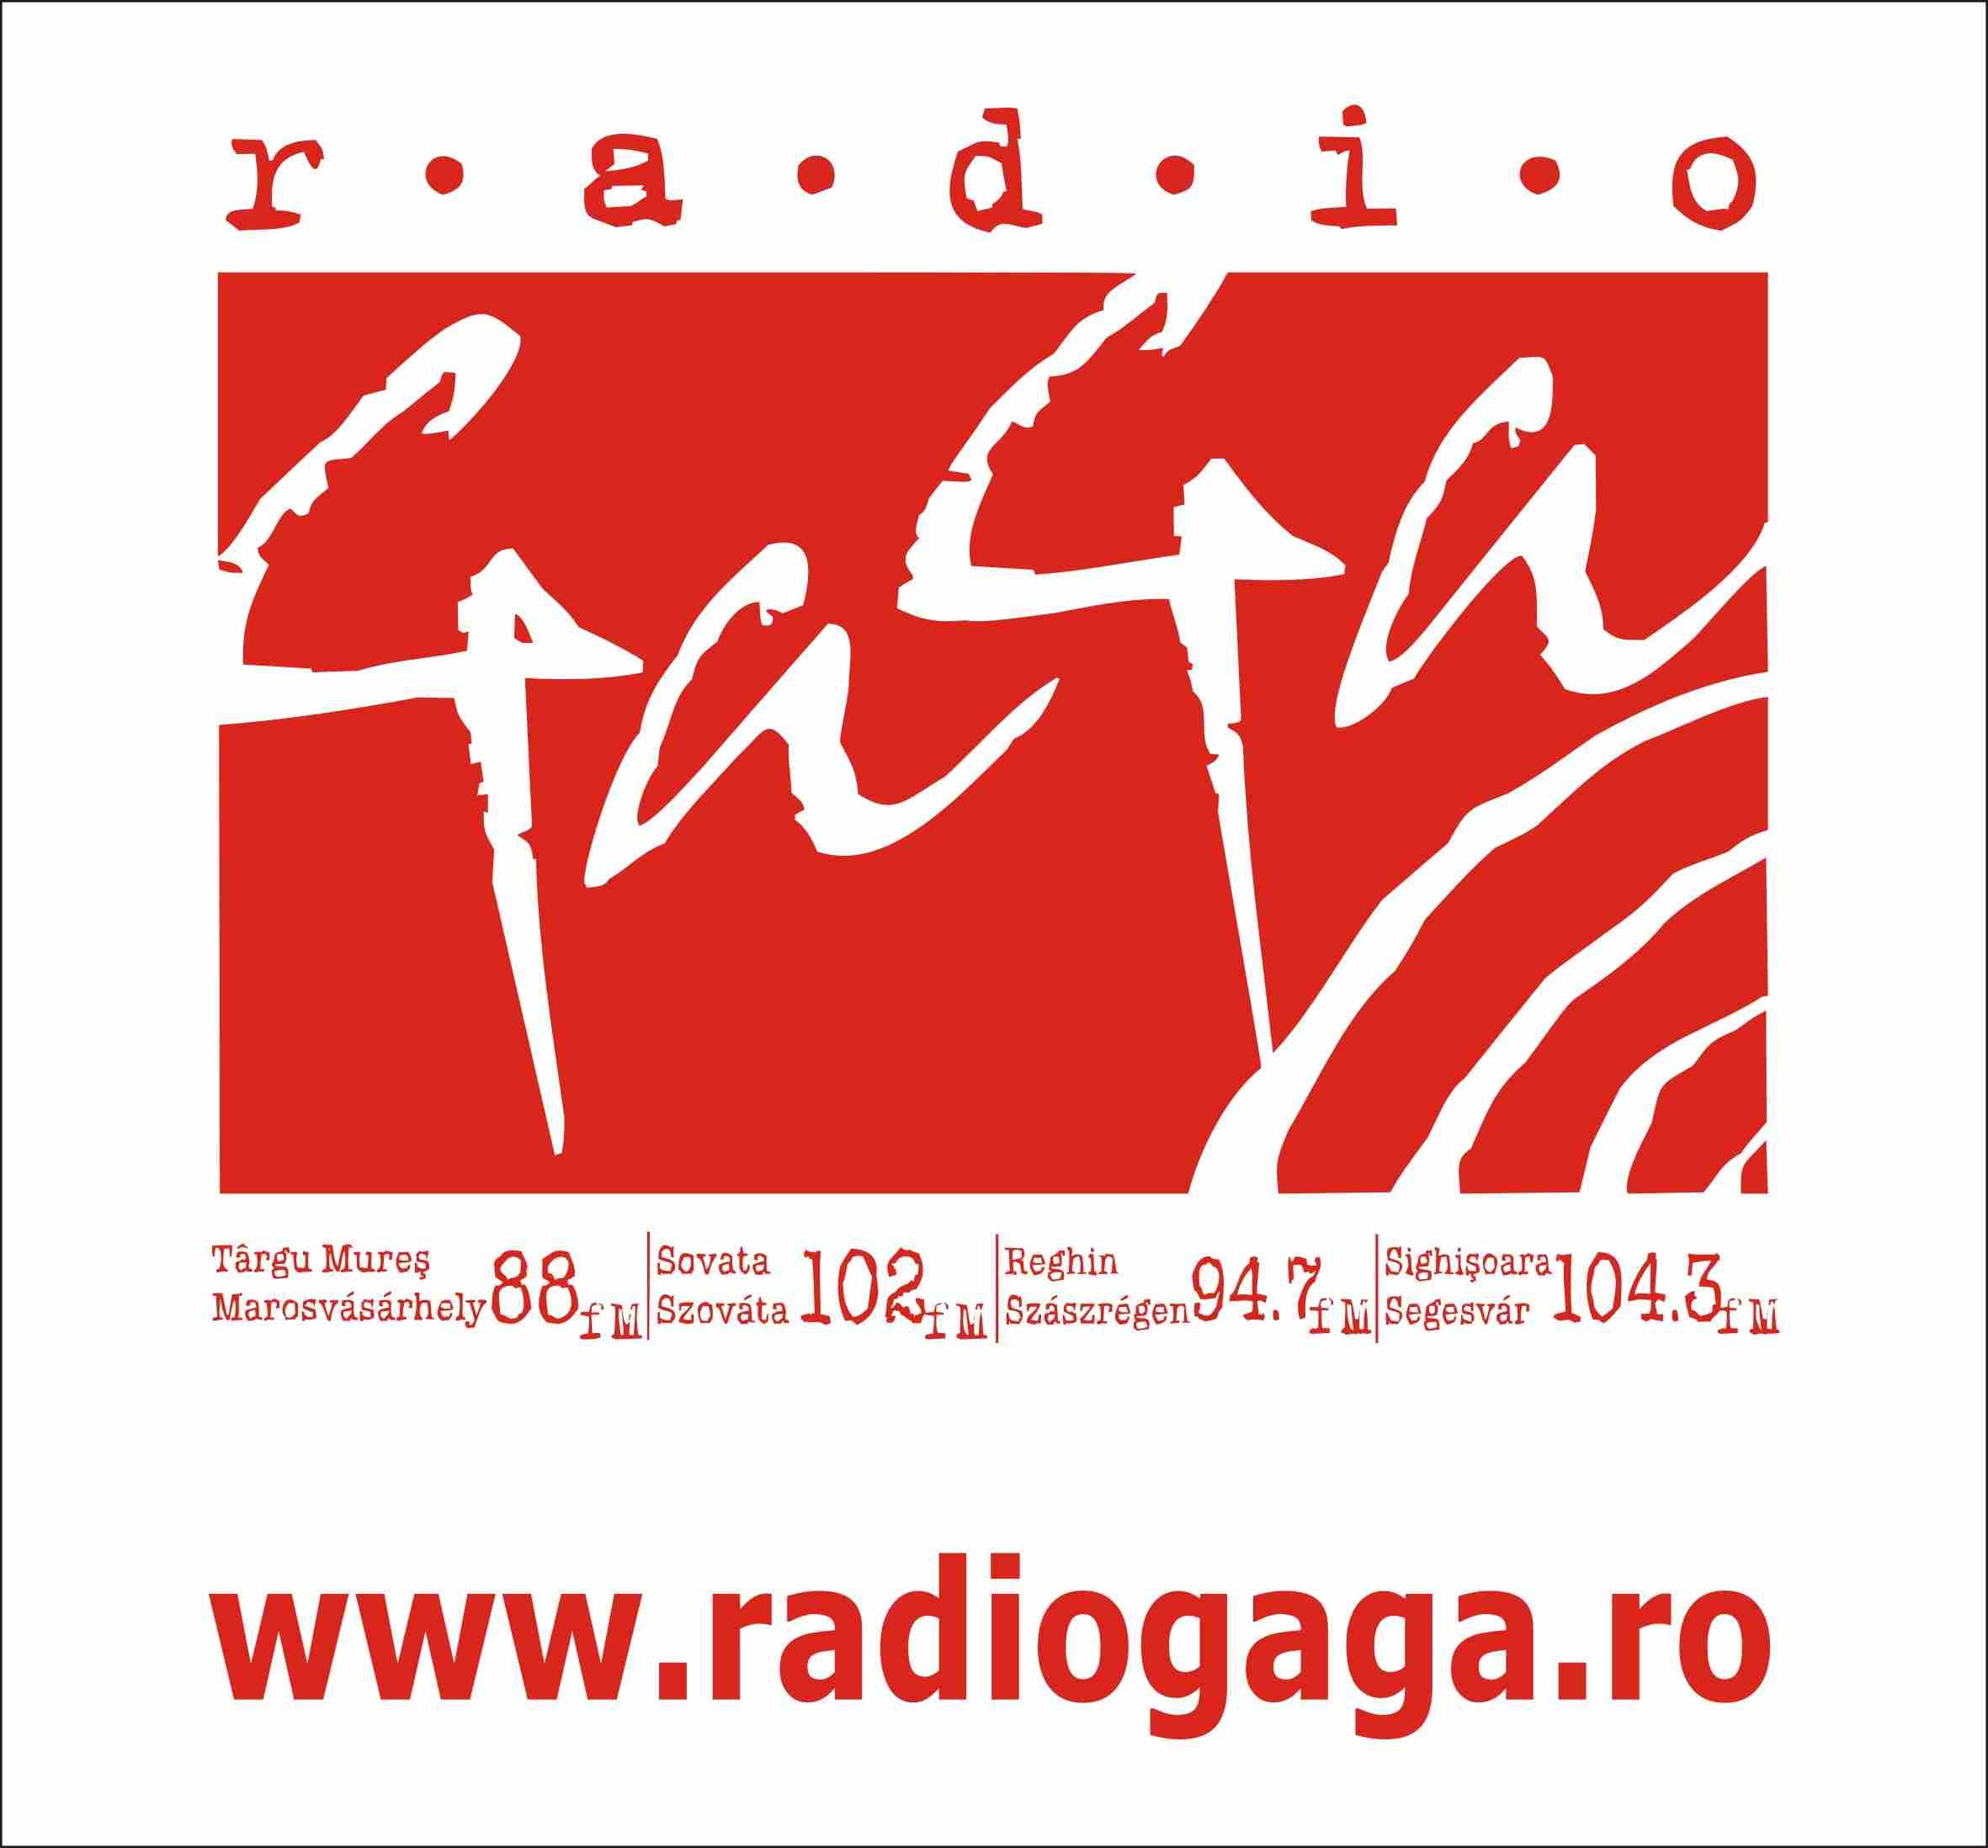 Rádió GaGa